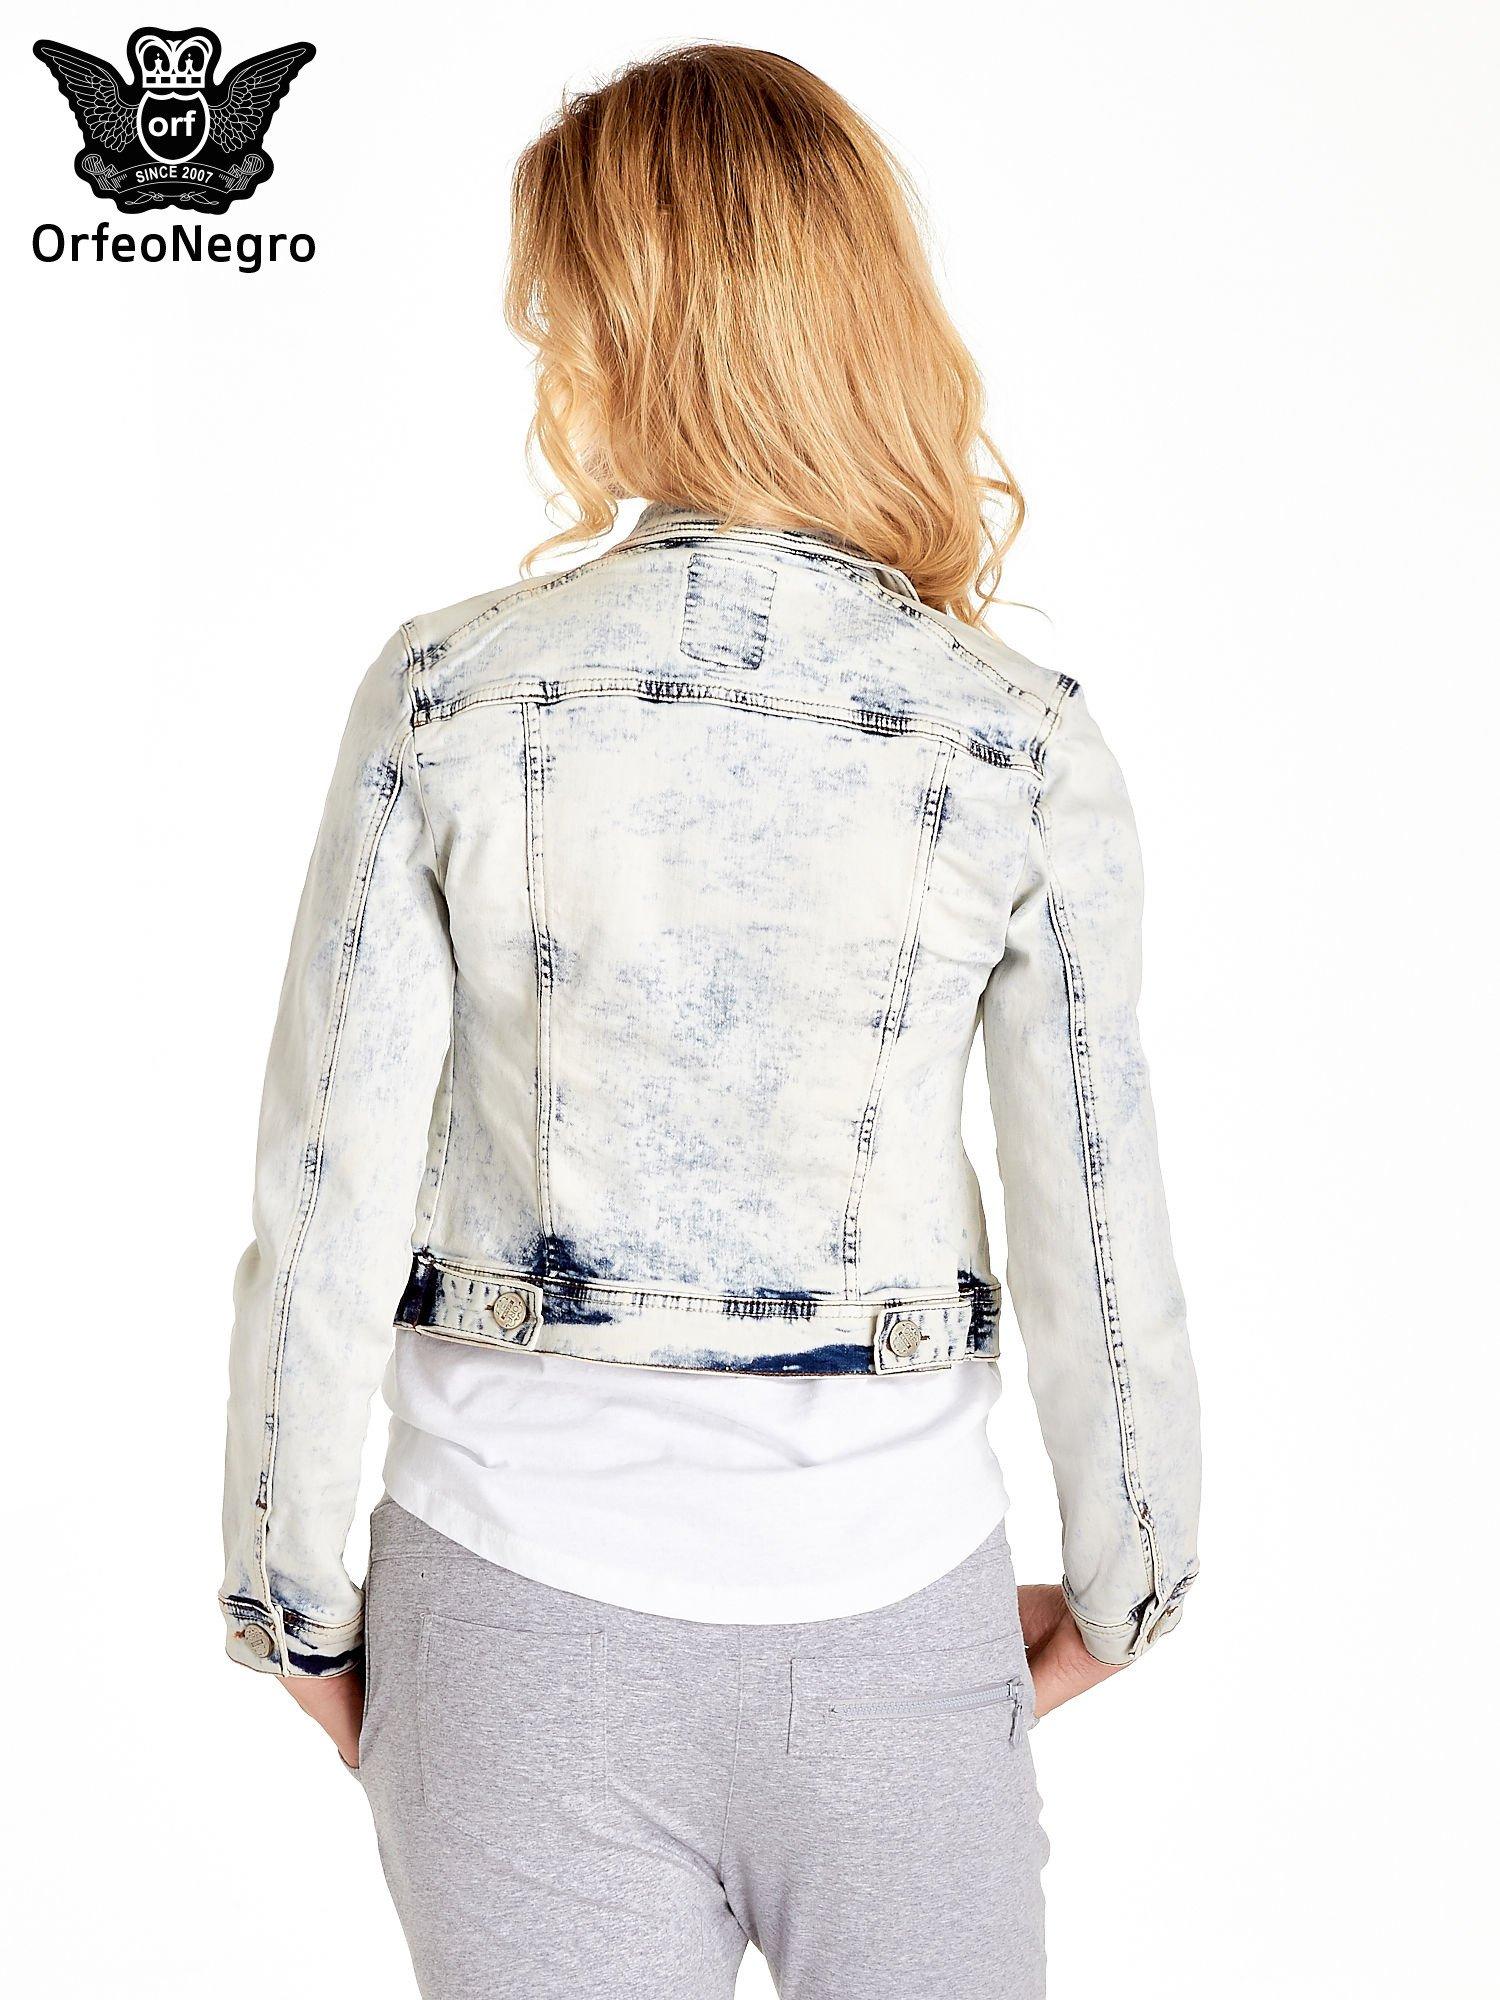 Jasnoniebieska kurtka jeansowa damska marmurkowa z kieszeniami                                  zdj.                                  4